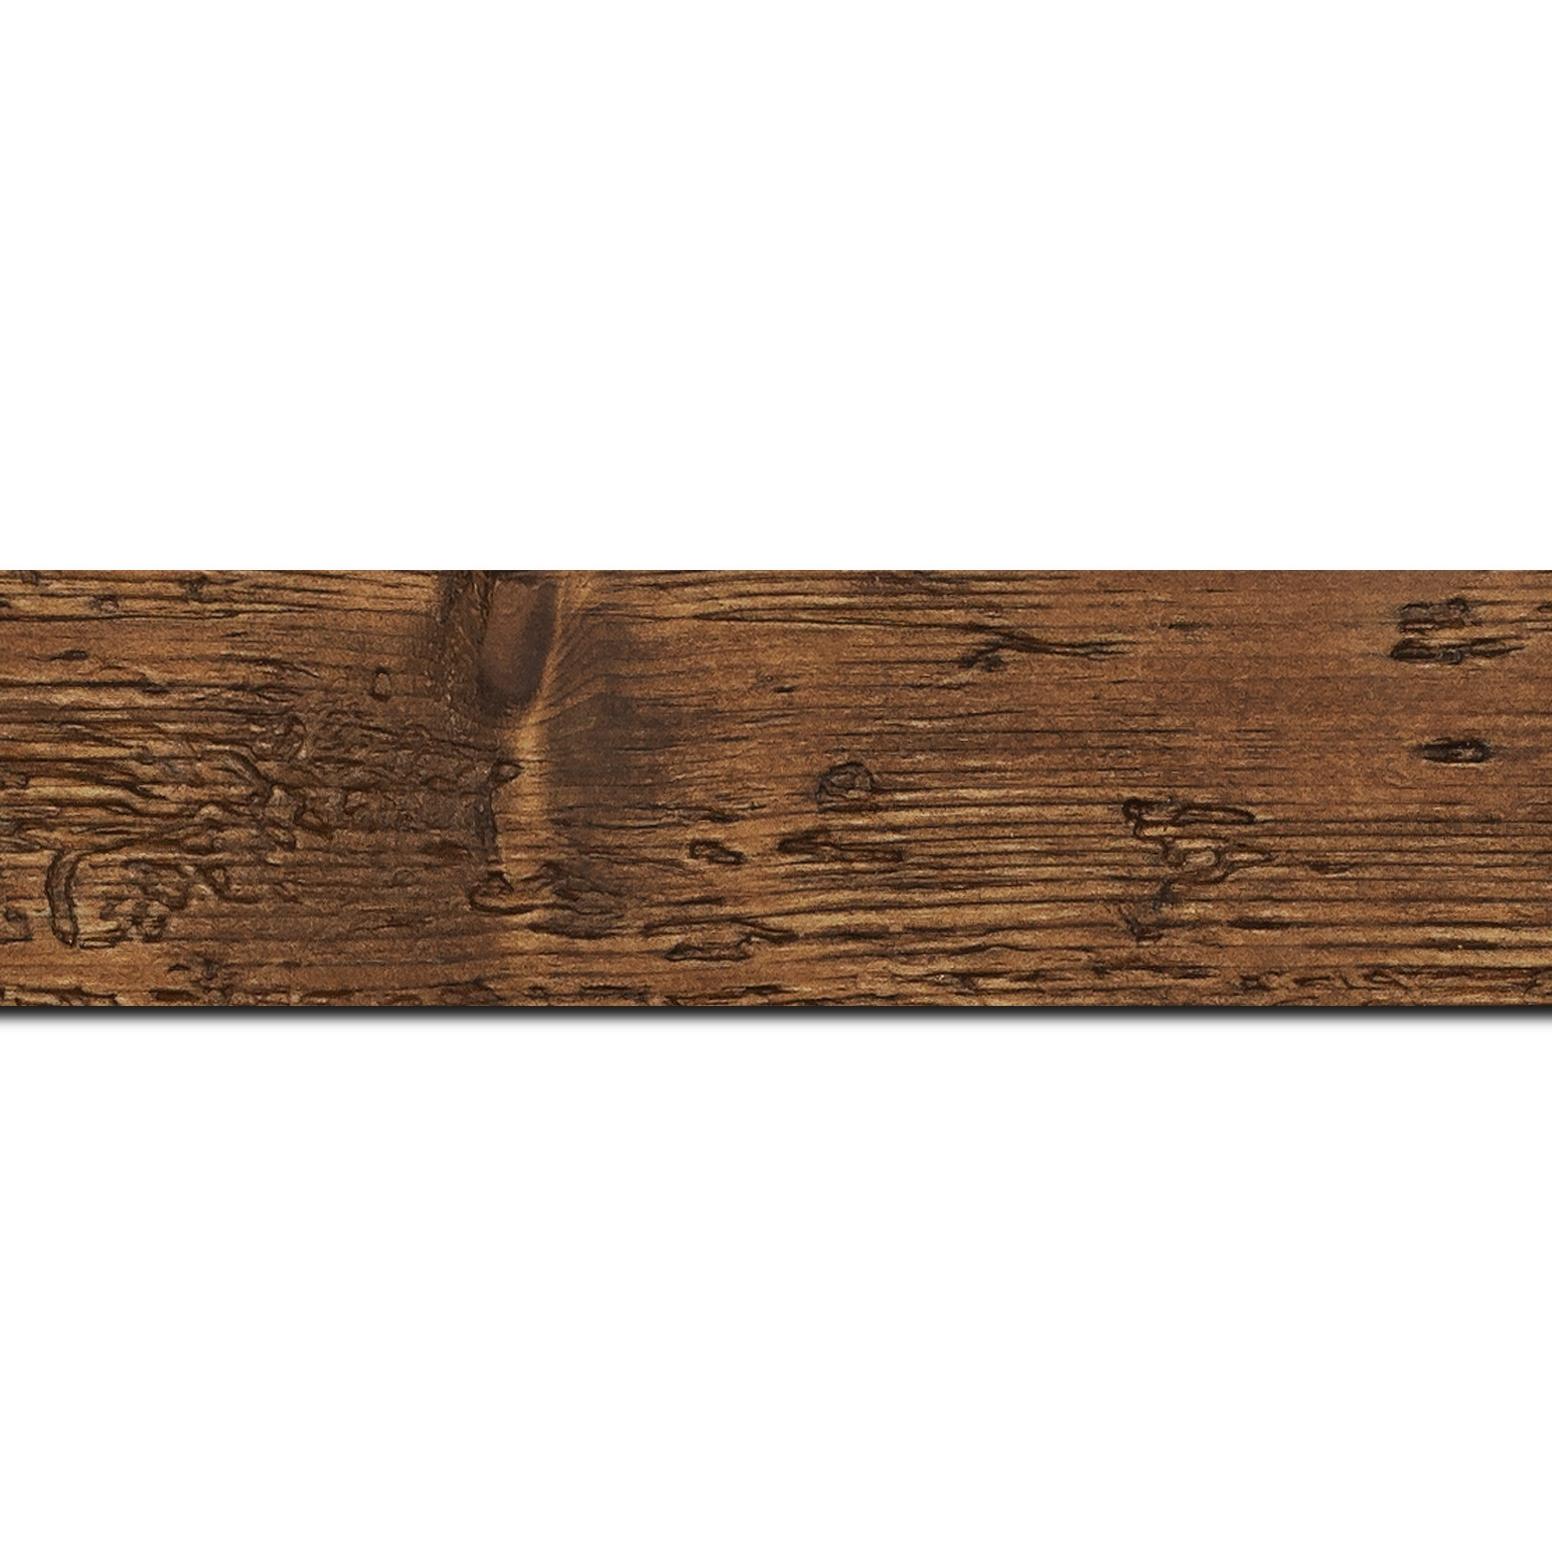 Pack par 12m, bois profil plat largeur 4.3cm couleur marron foncé finition aspect vieilli antique (longueur baguette pouvant varier entre 2.40m et 3m selon arrivage des bois)